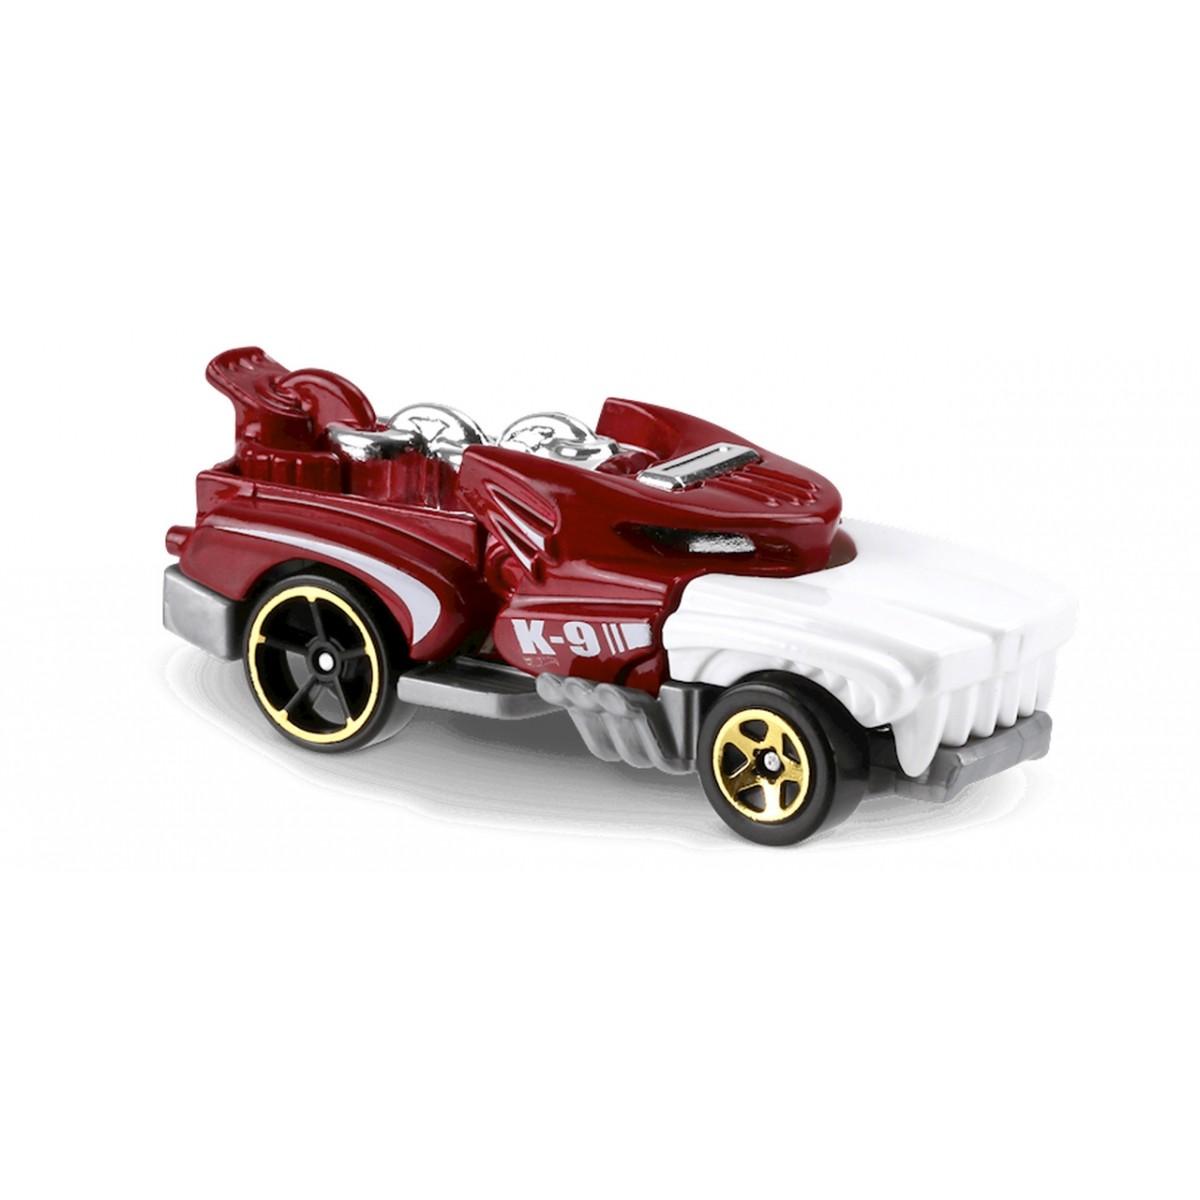 Carrinho Hot Wheels: Hotweiler Vermelho e Branco